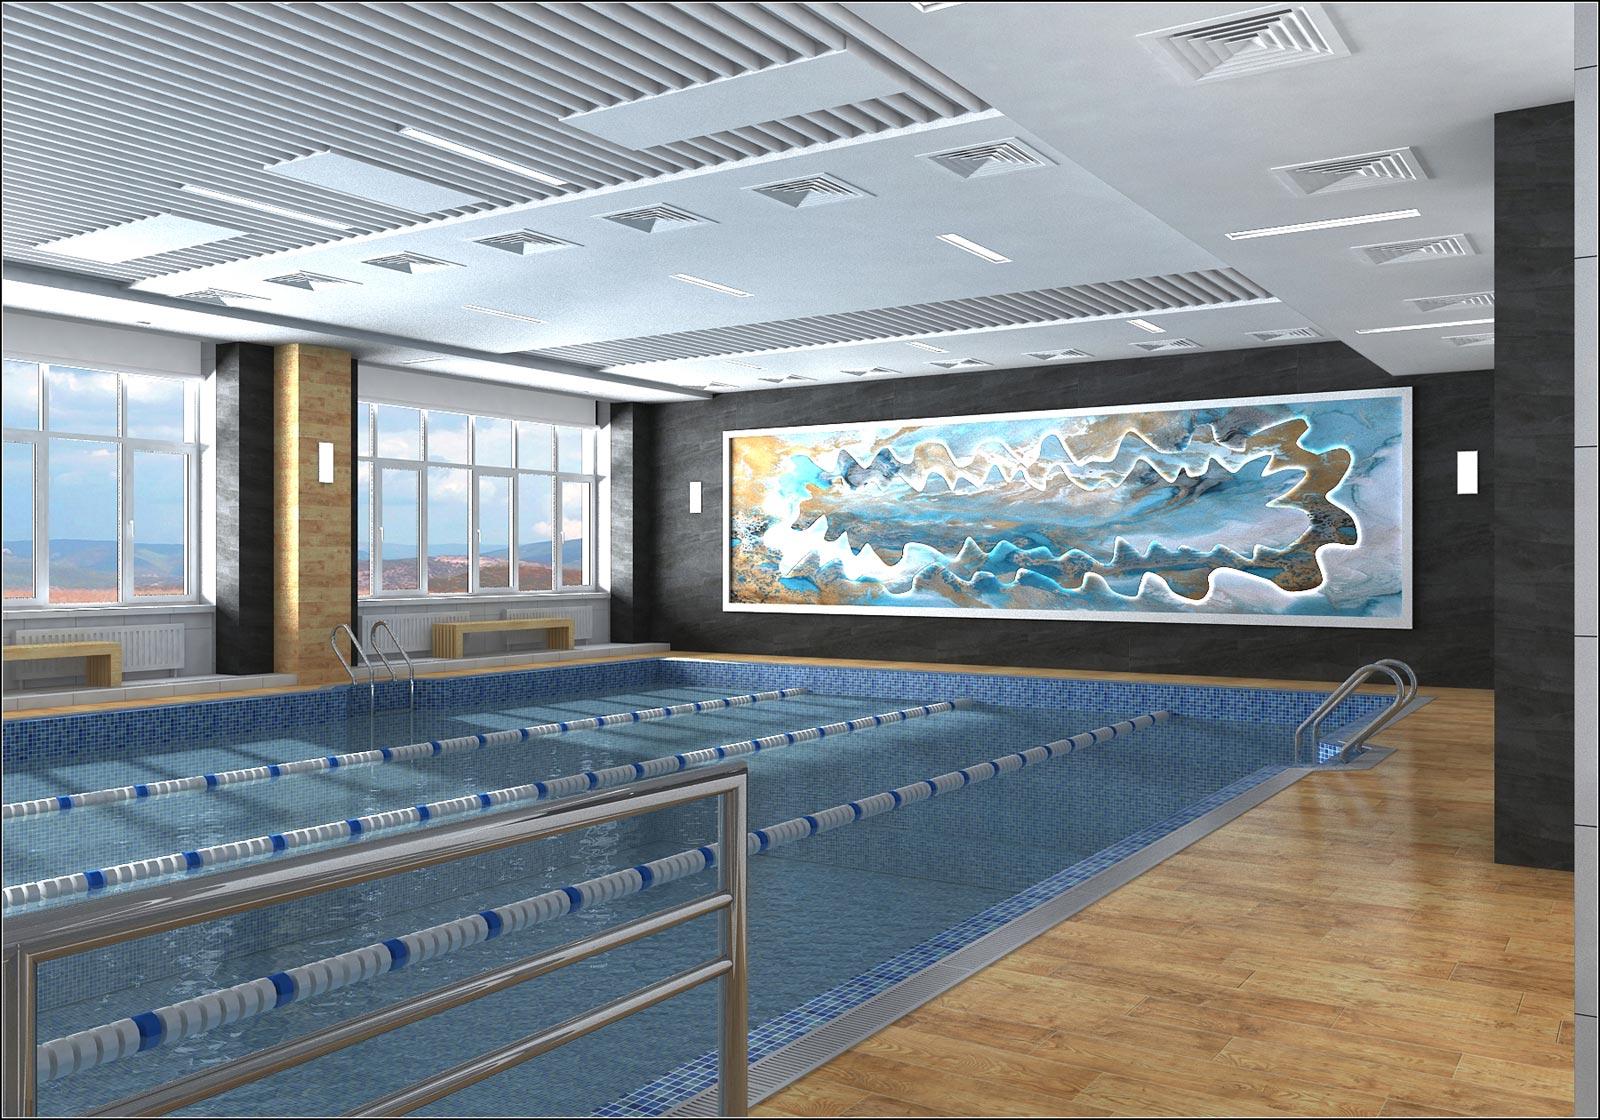 चेर्निहाइव में पूल के आंतरिक डिजाइन की परियोजना 3d max vray 1.5 में प्रस्तुत छवि